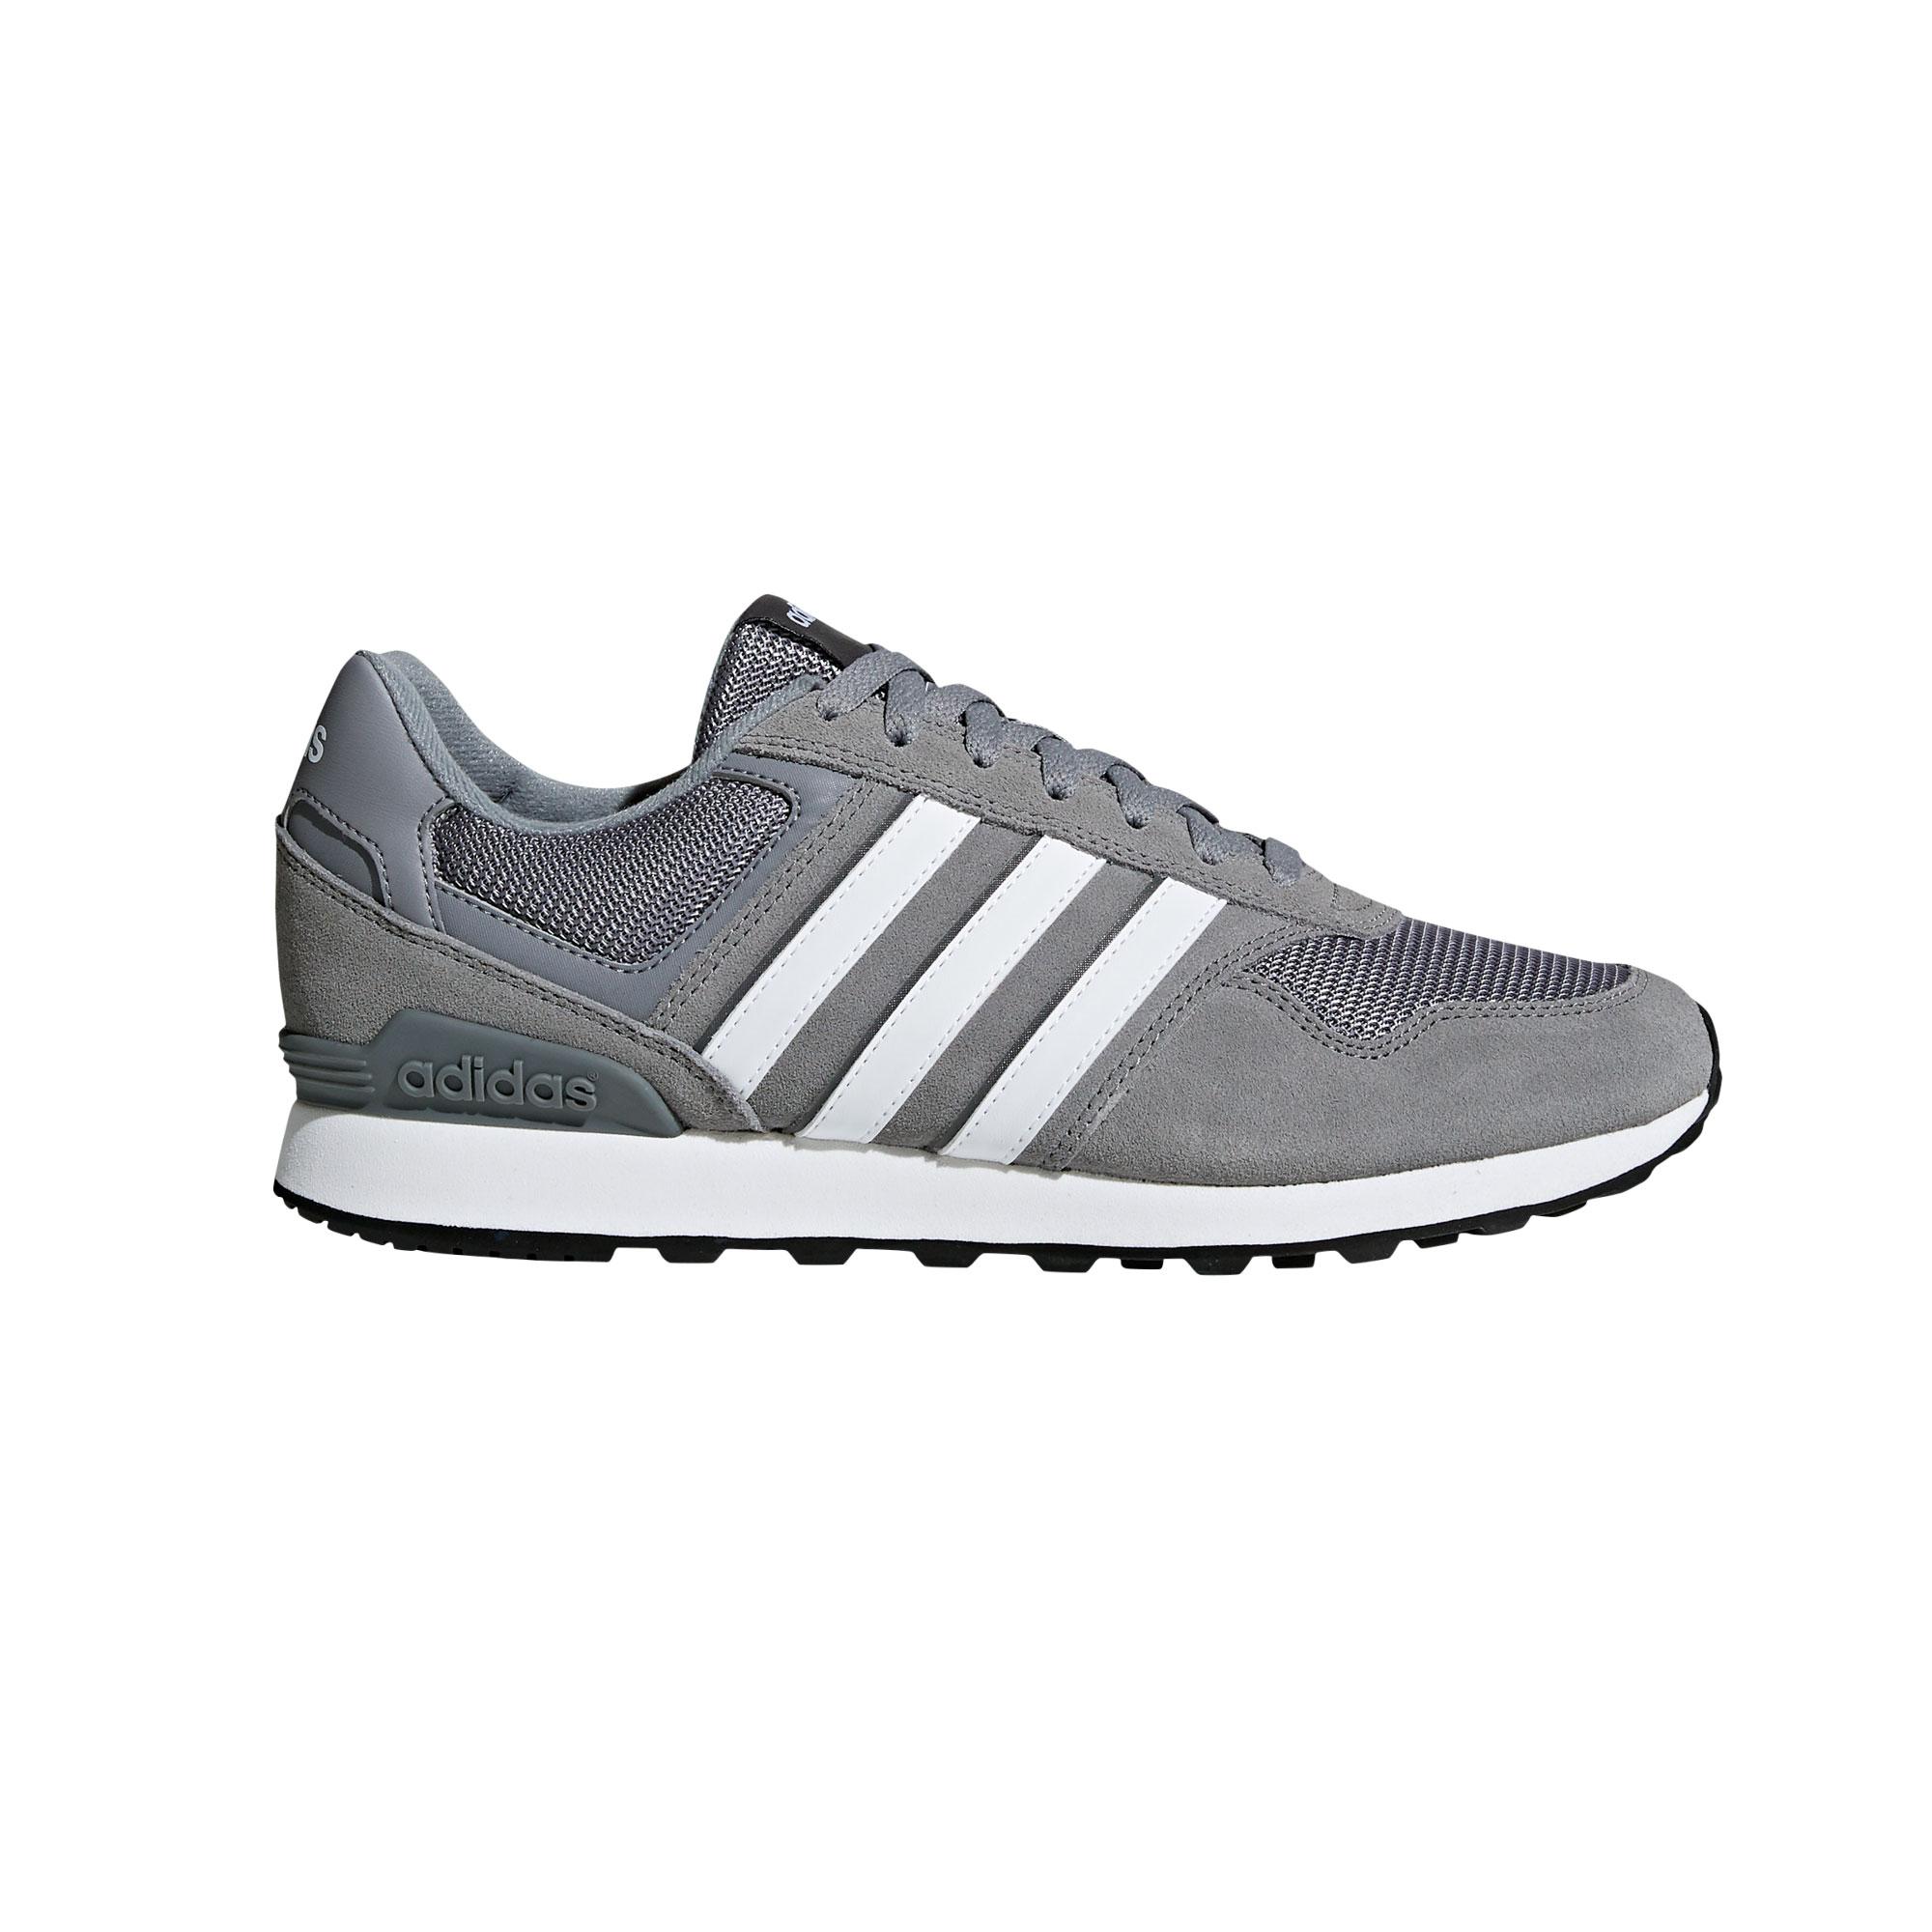 Afbeelding van Adidas 10K BB7378 Vrijetijdsschoenen Heren Grey Footwear White